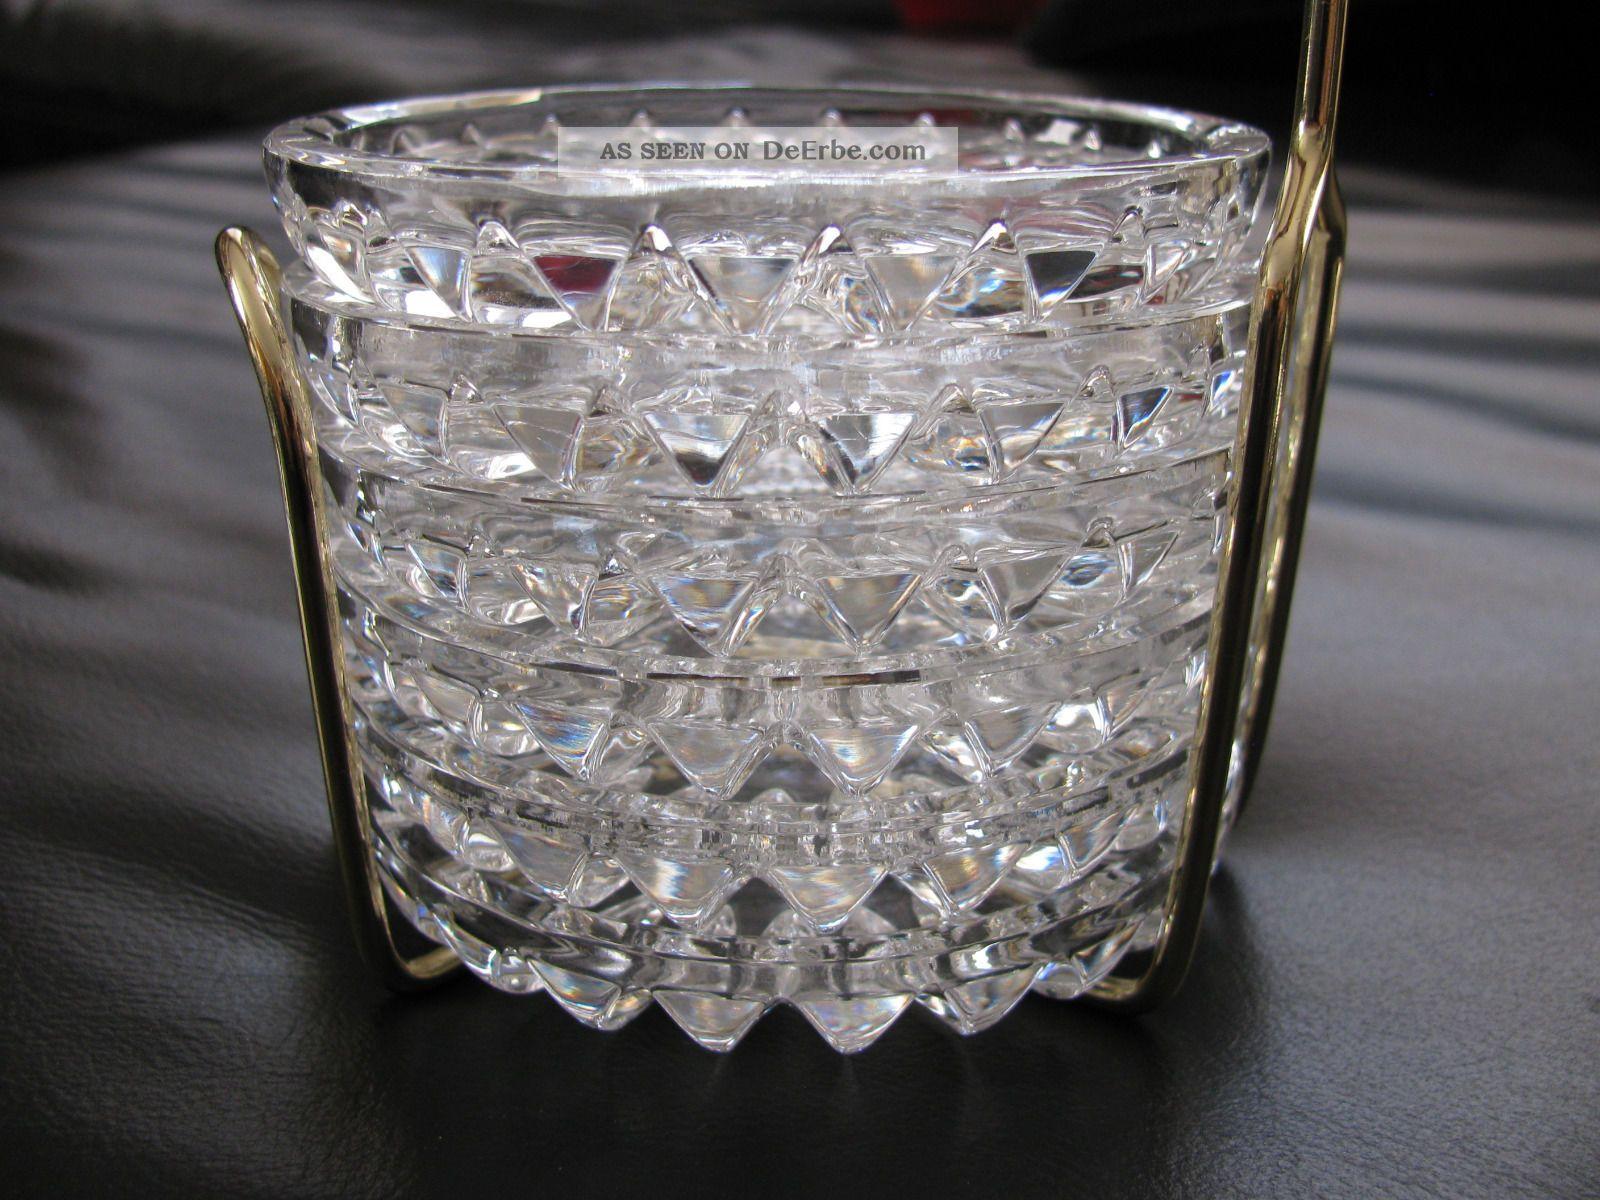 50 jahre 6 kristall glas untersetzer im st nder. Black Bedroom Furniture Sets. Home Design Ideas